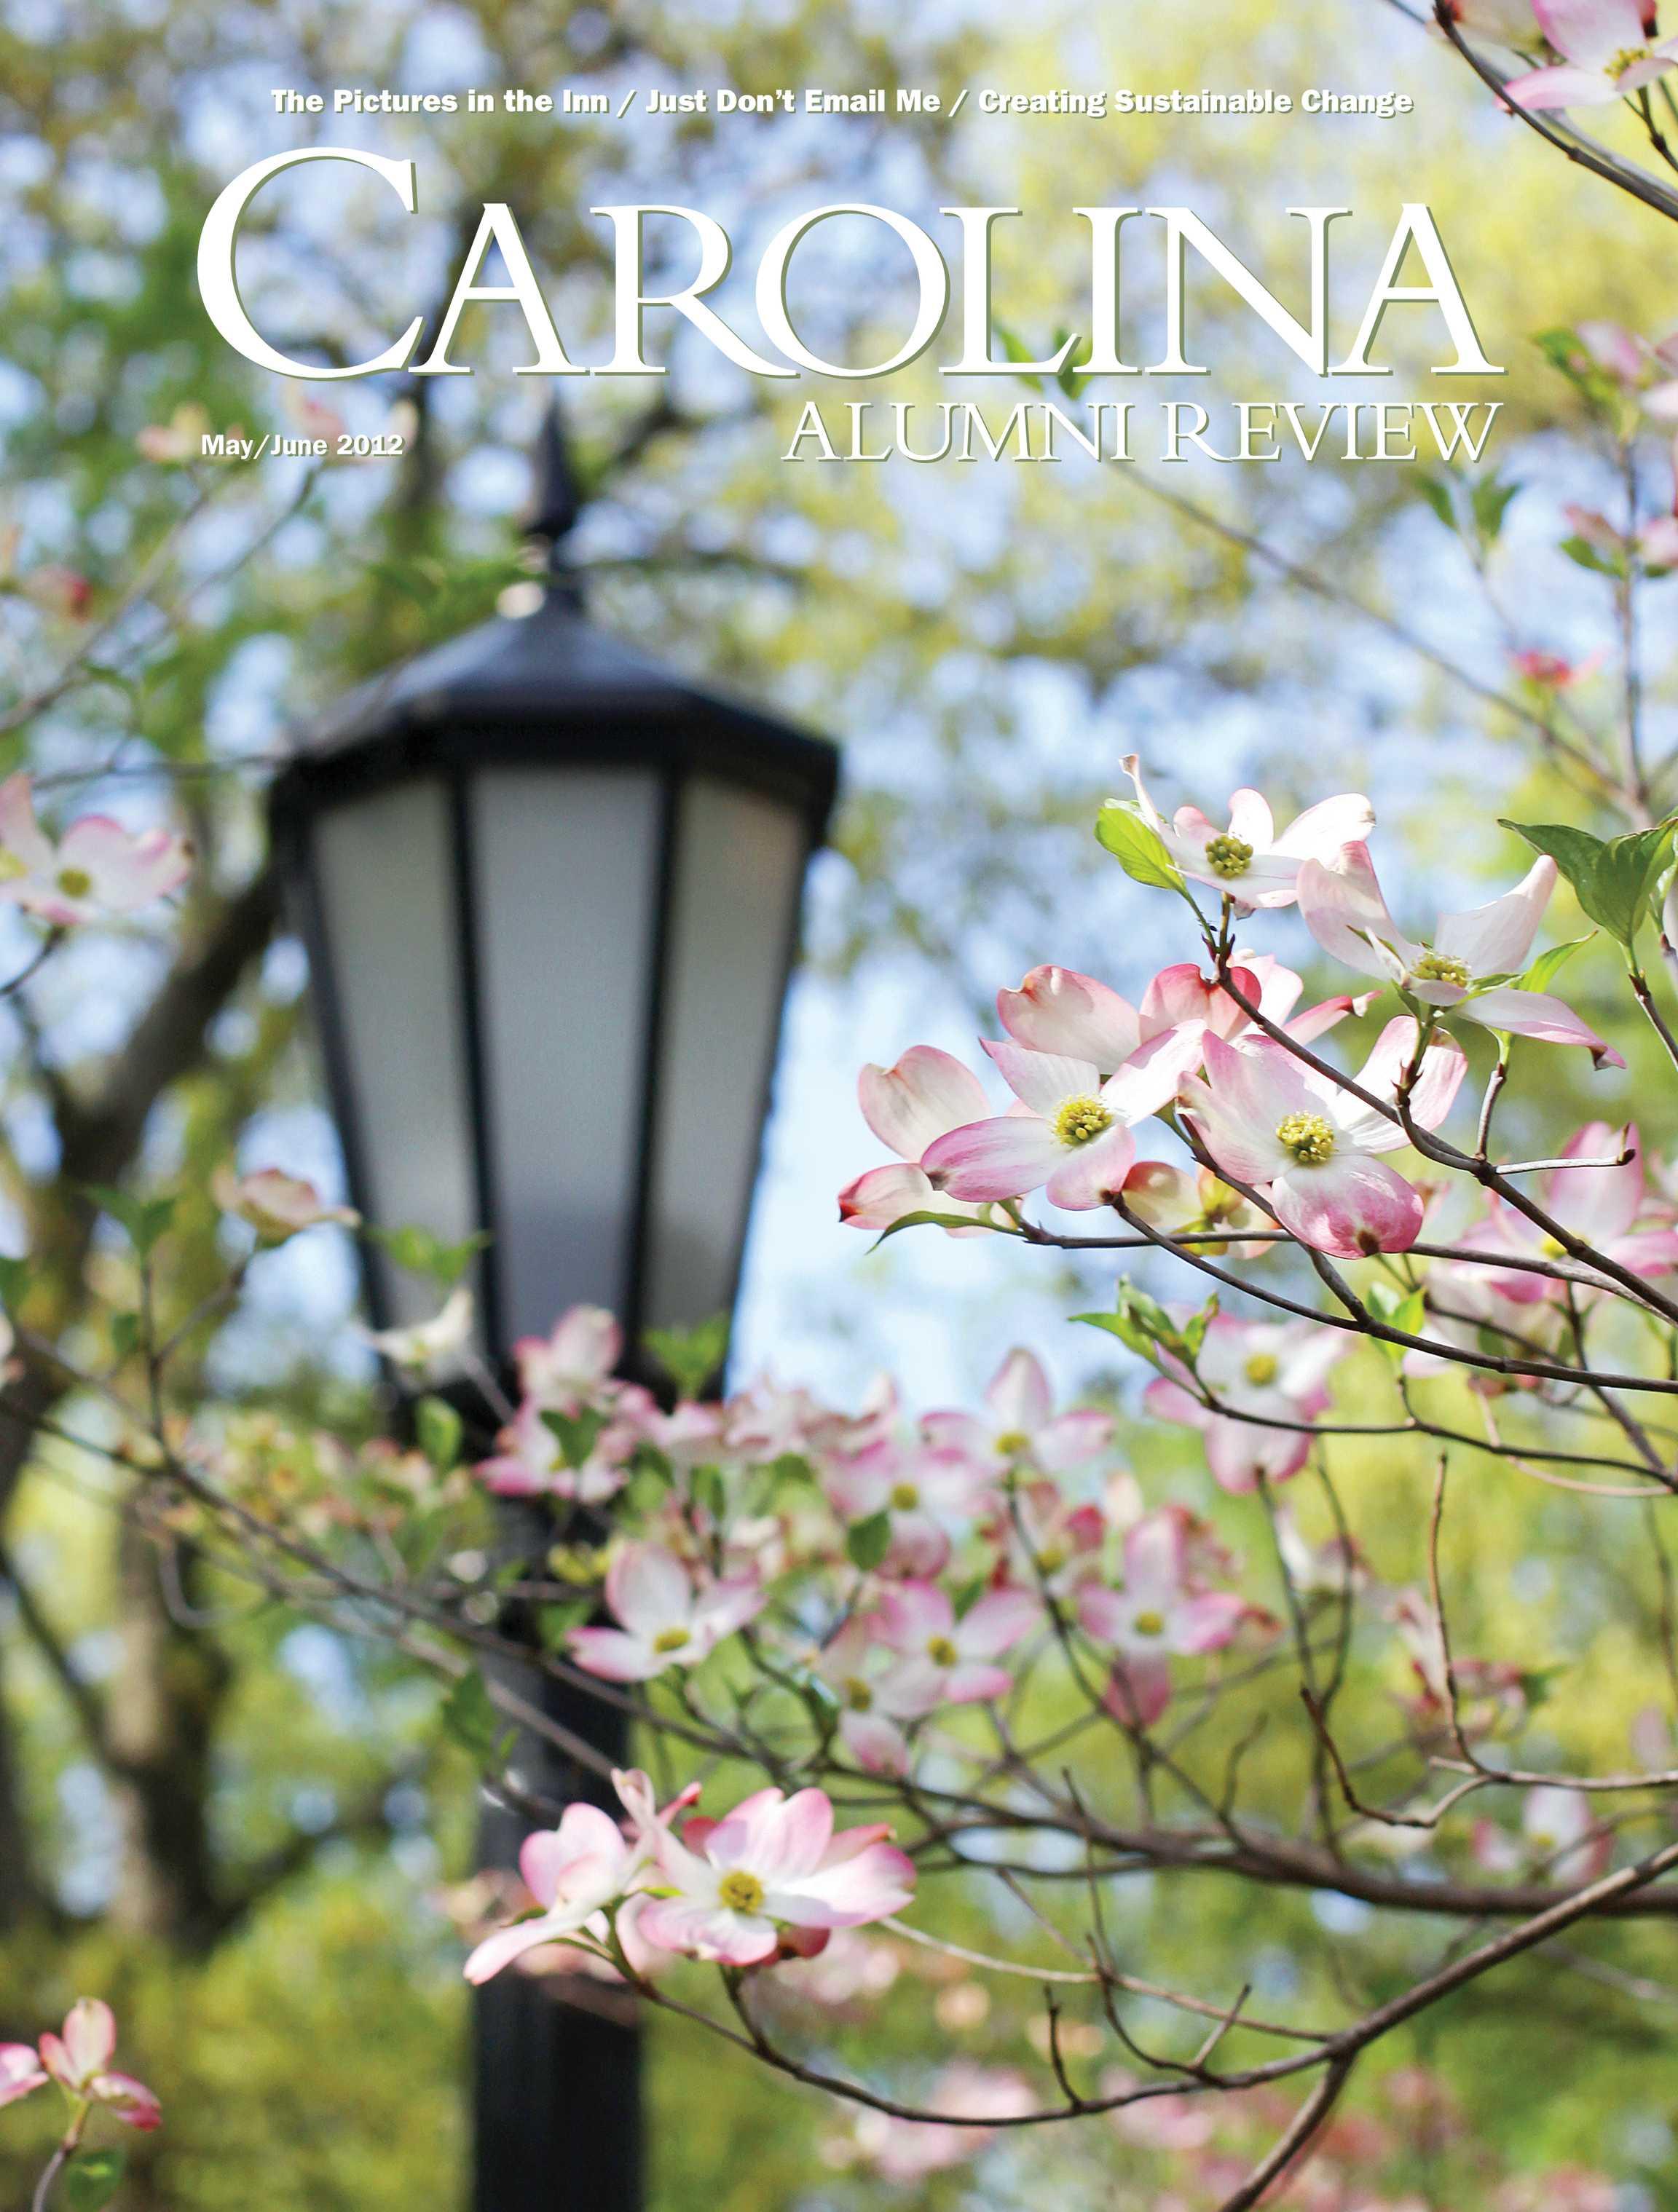 Carolina Alumni Review Mayjune 2012 Page Cover